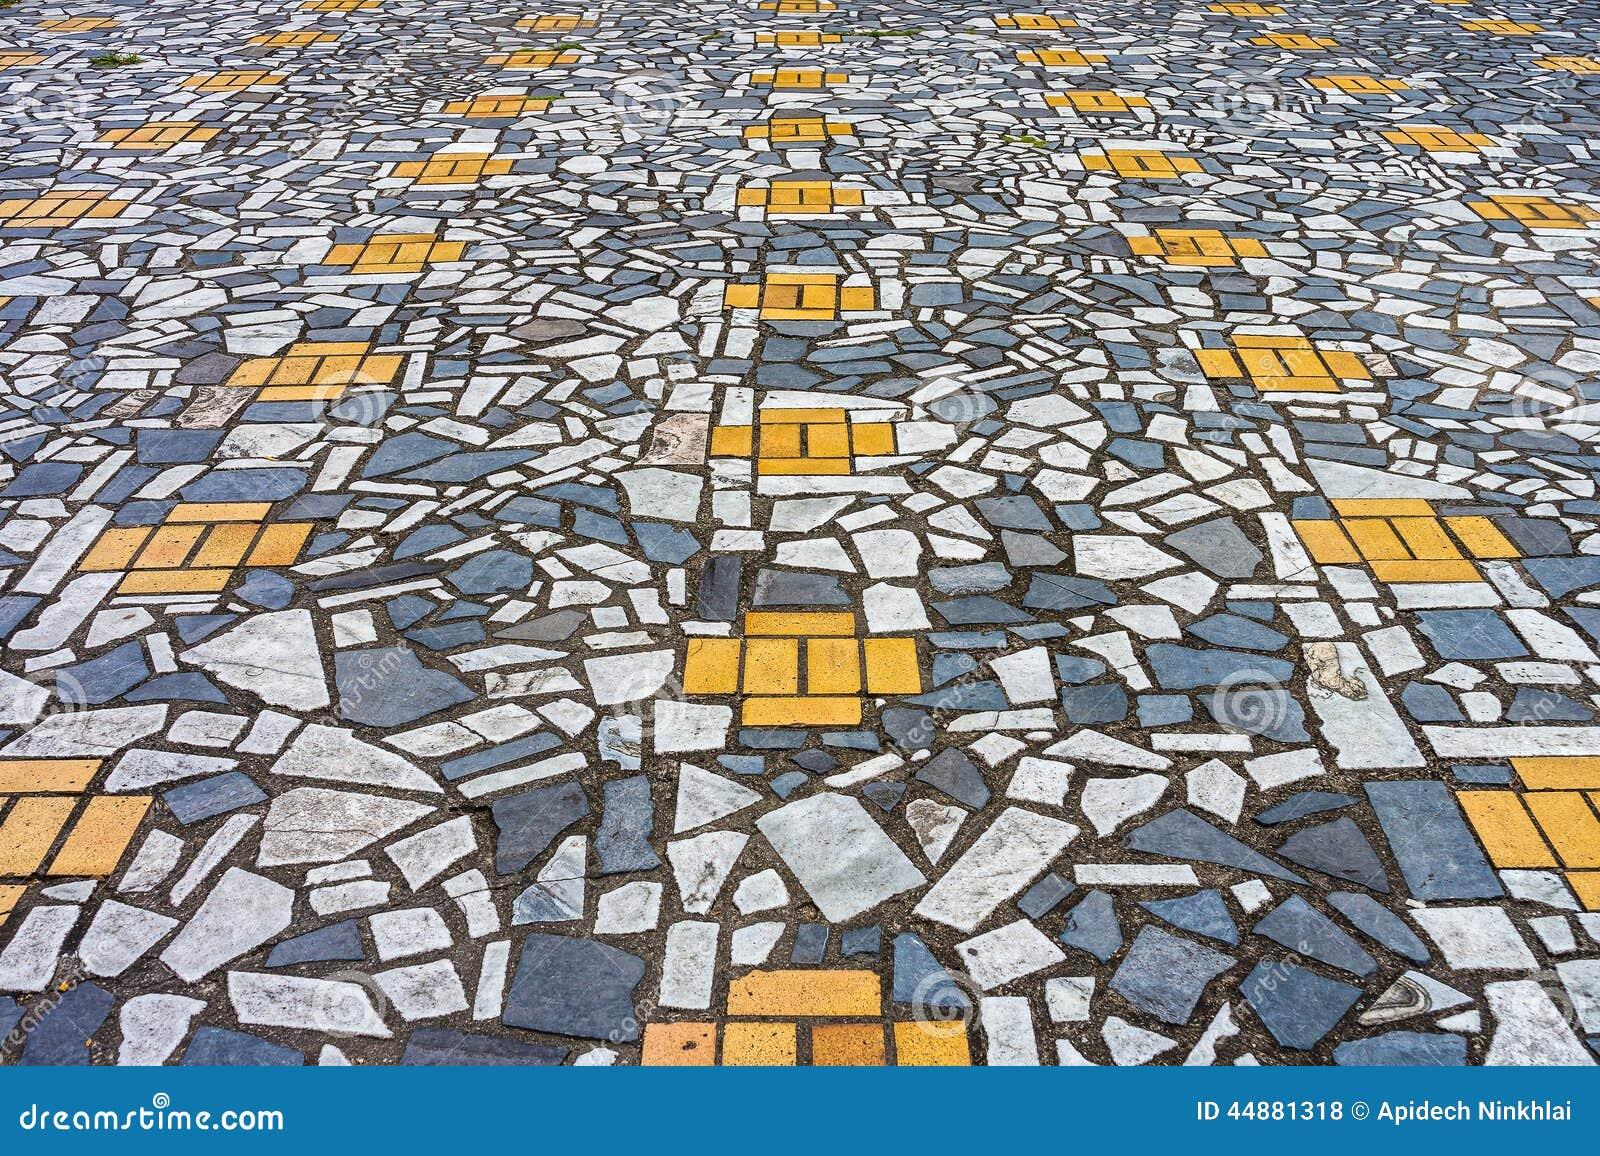 The Art Of Mosaic Pavement Stock Photo Image 44881318